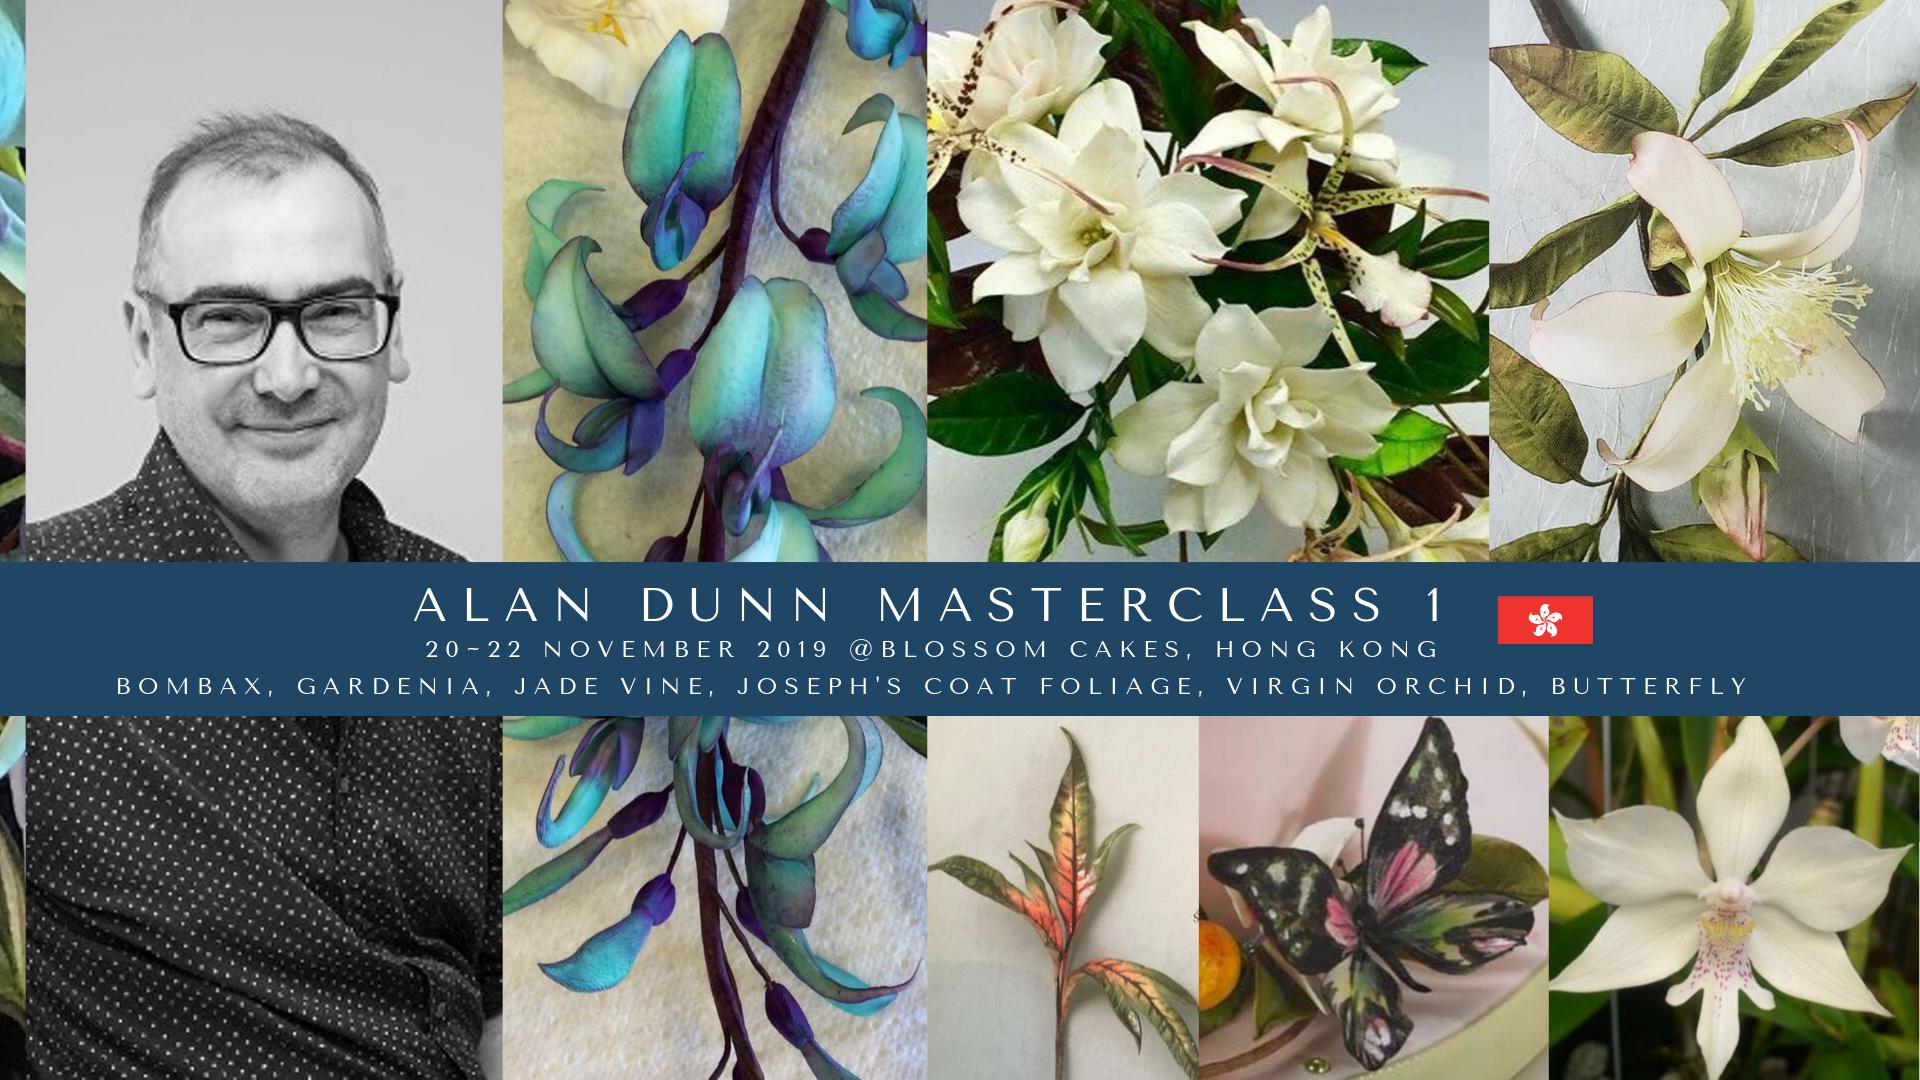 Alan Dunn Masterclass 1